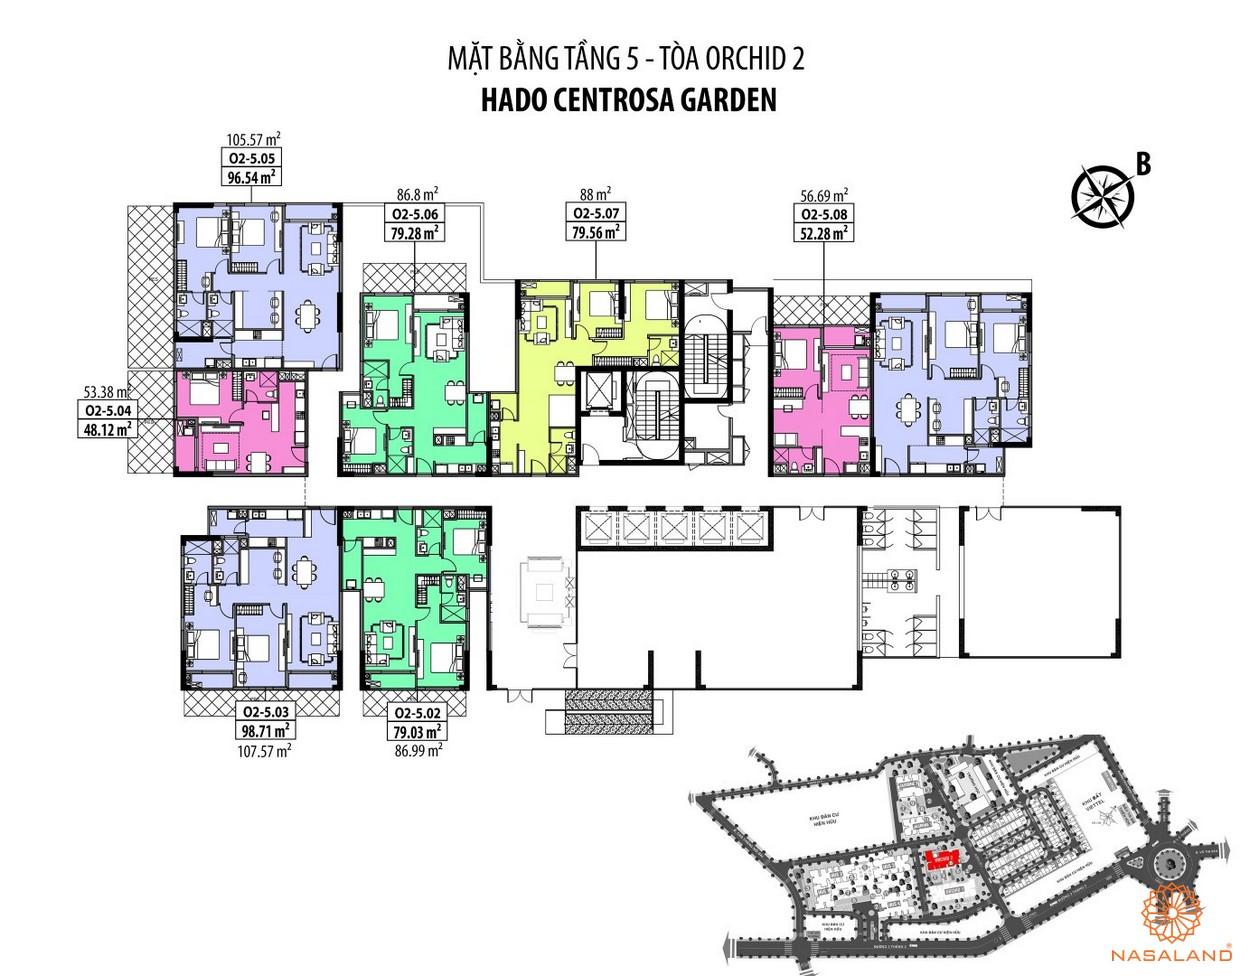 Mặt bằng Hà Đô Centrosa căn hộ tầng 5 - tòa Orchid 2